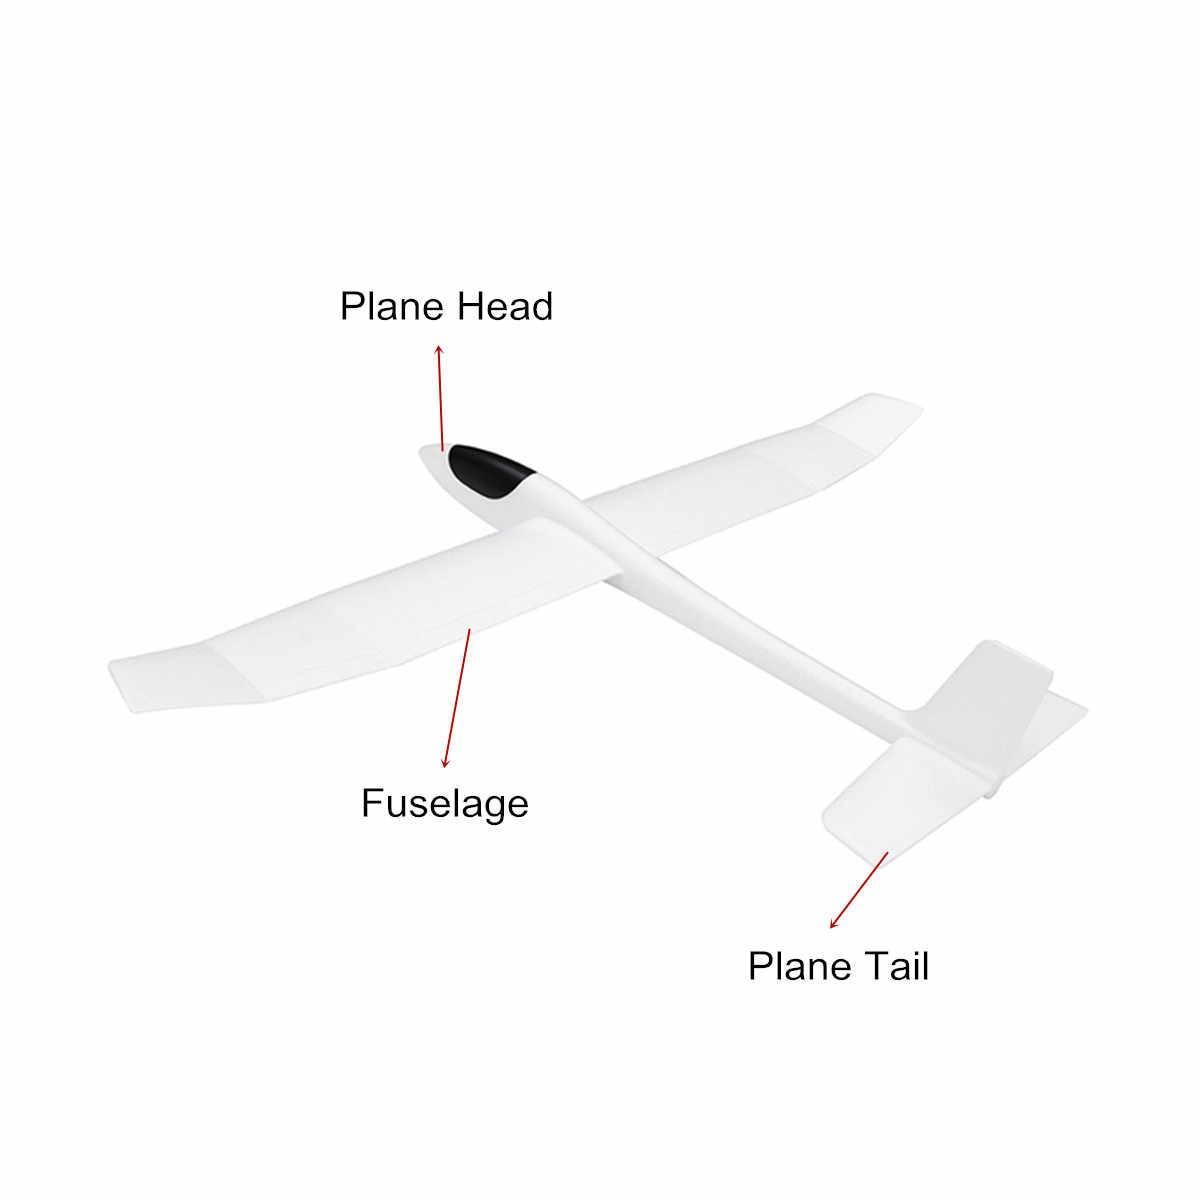 RC гоночный самолет размах крыльев хватать руками планер EPO FX-707 фиксированное крыло открытый самолет модель DIY игрушки с наклейкой для детей